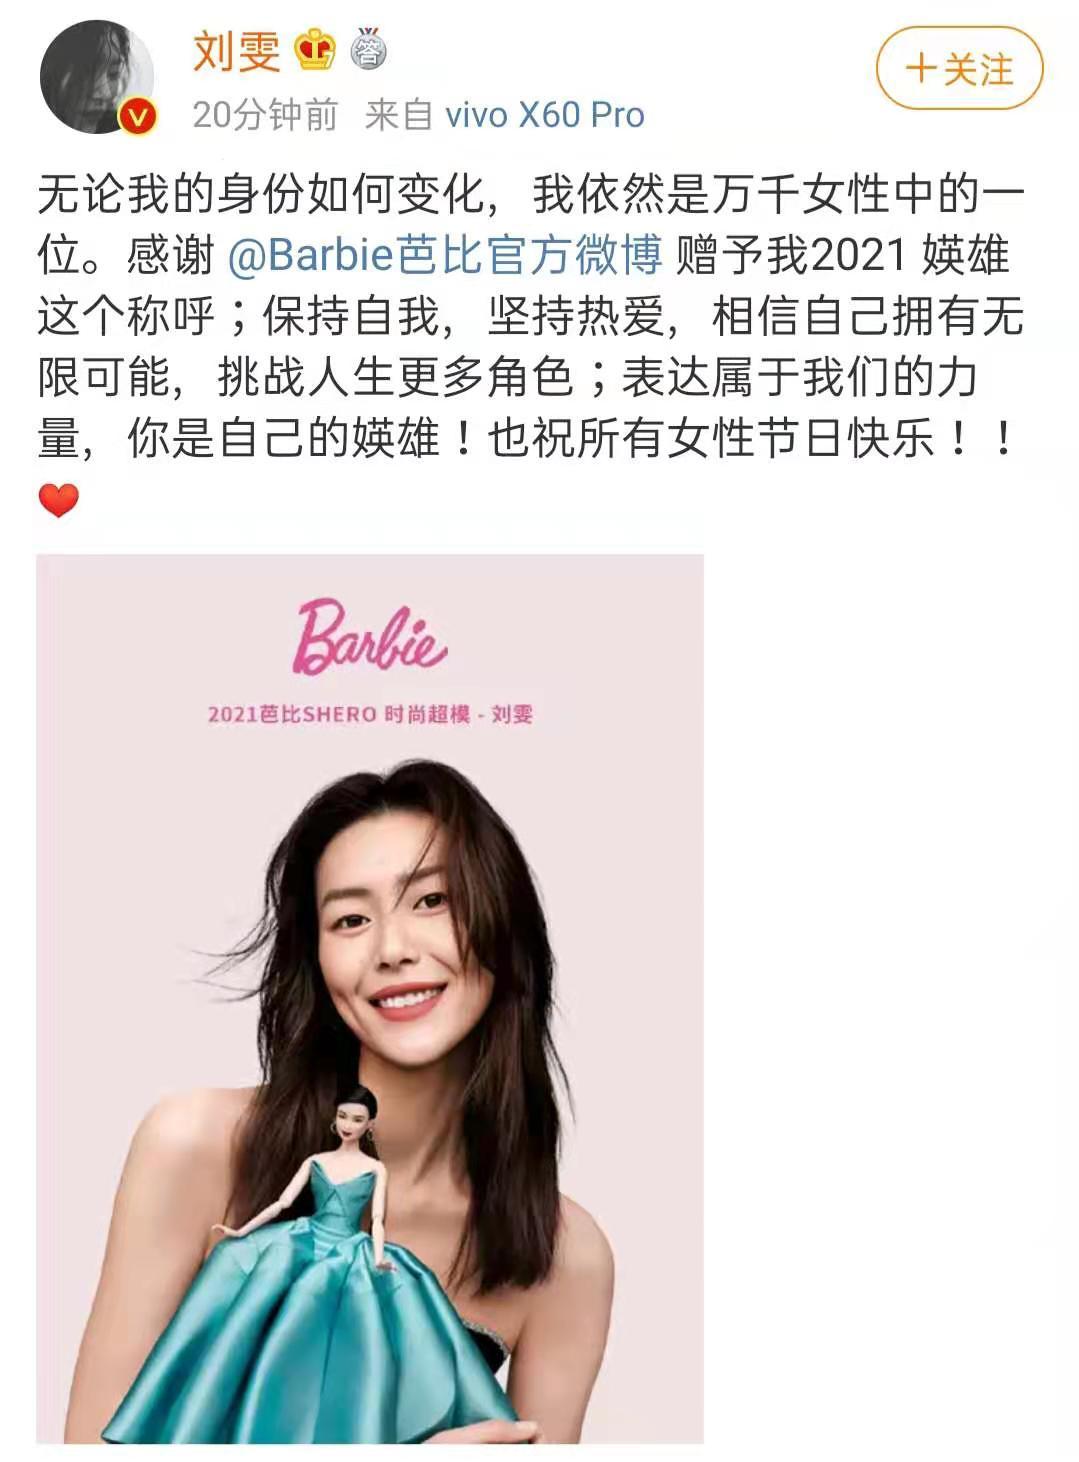 刘雯成 有芭比形象的亚洲模特 万千女性中的一位